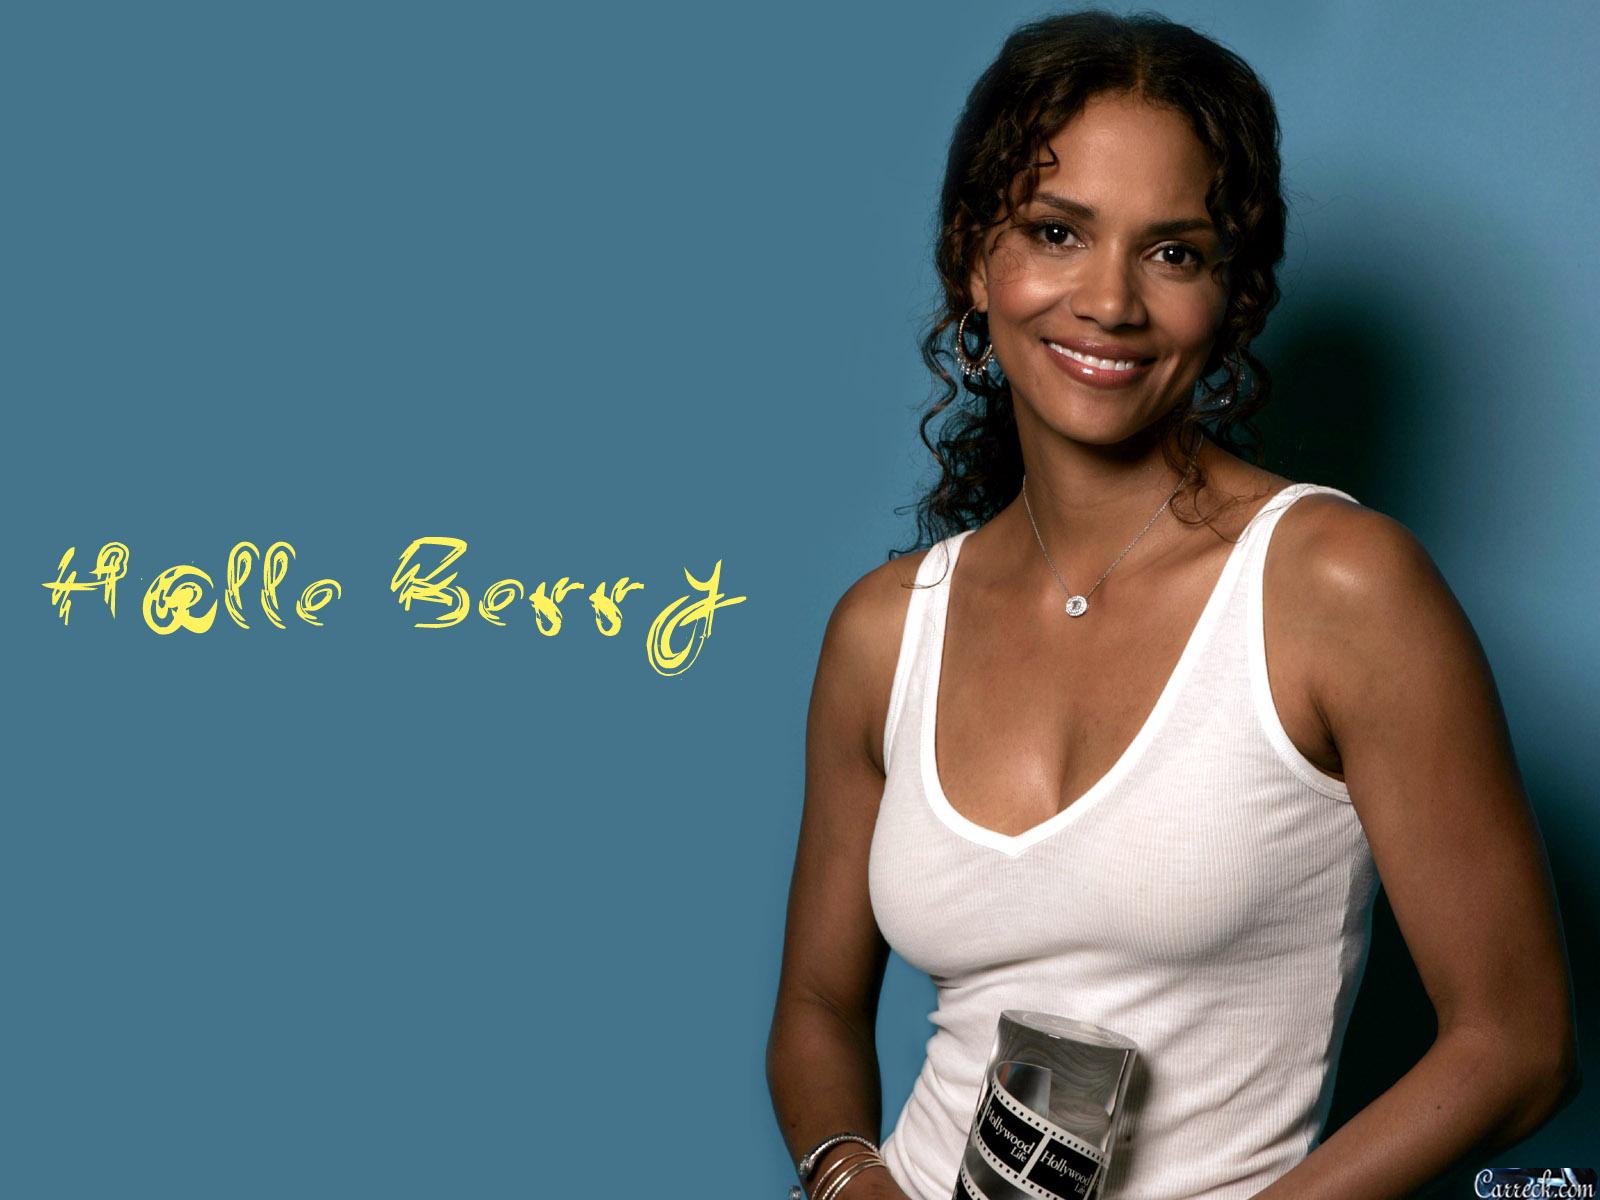 Halle Berry Halle Berry